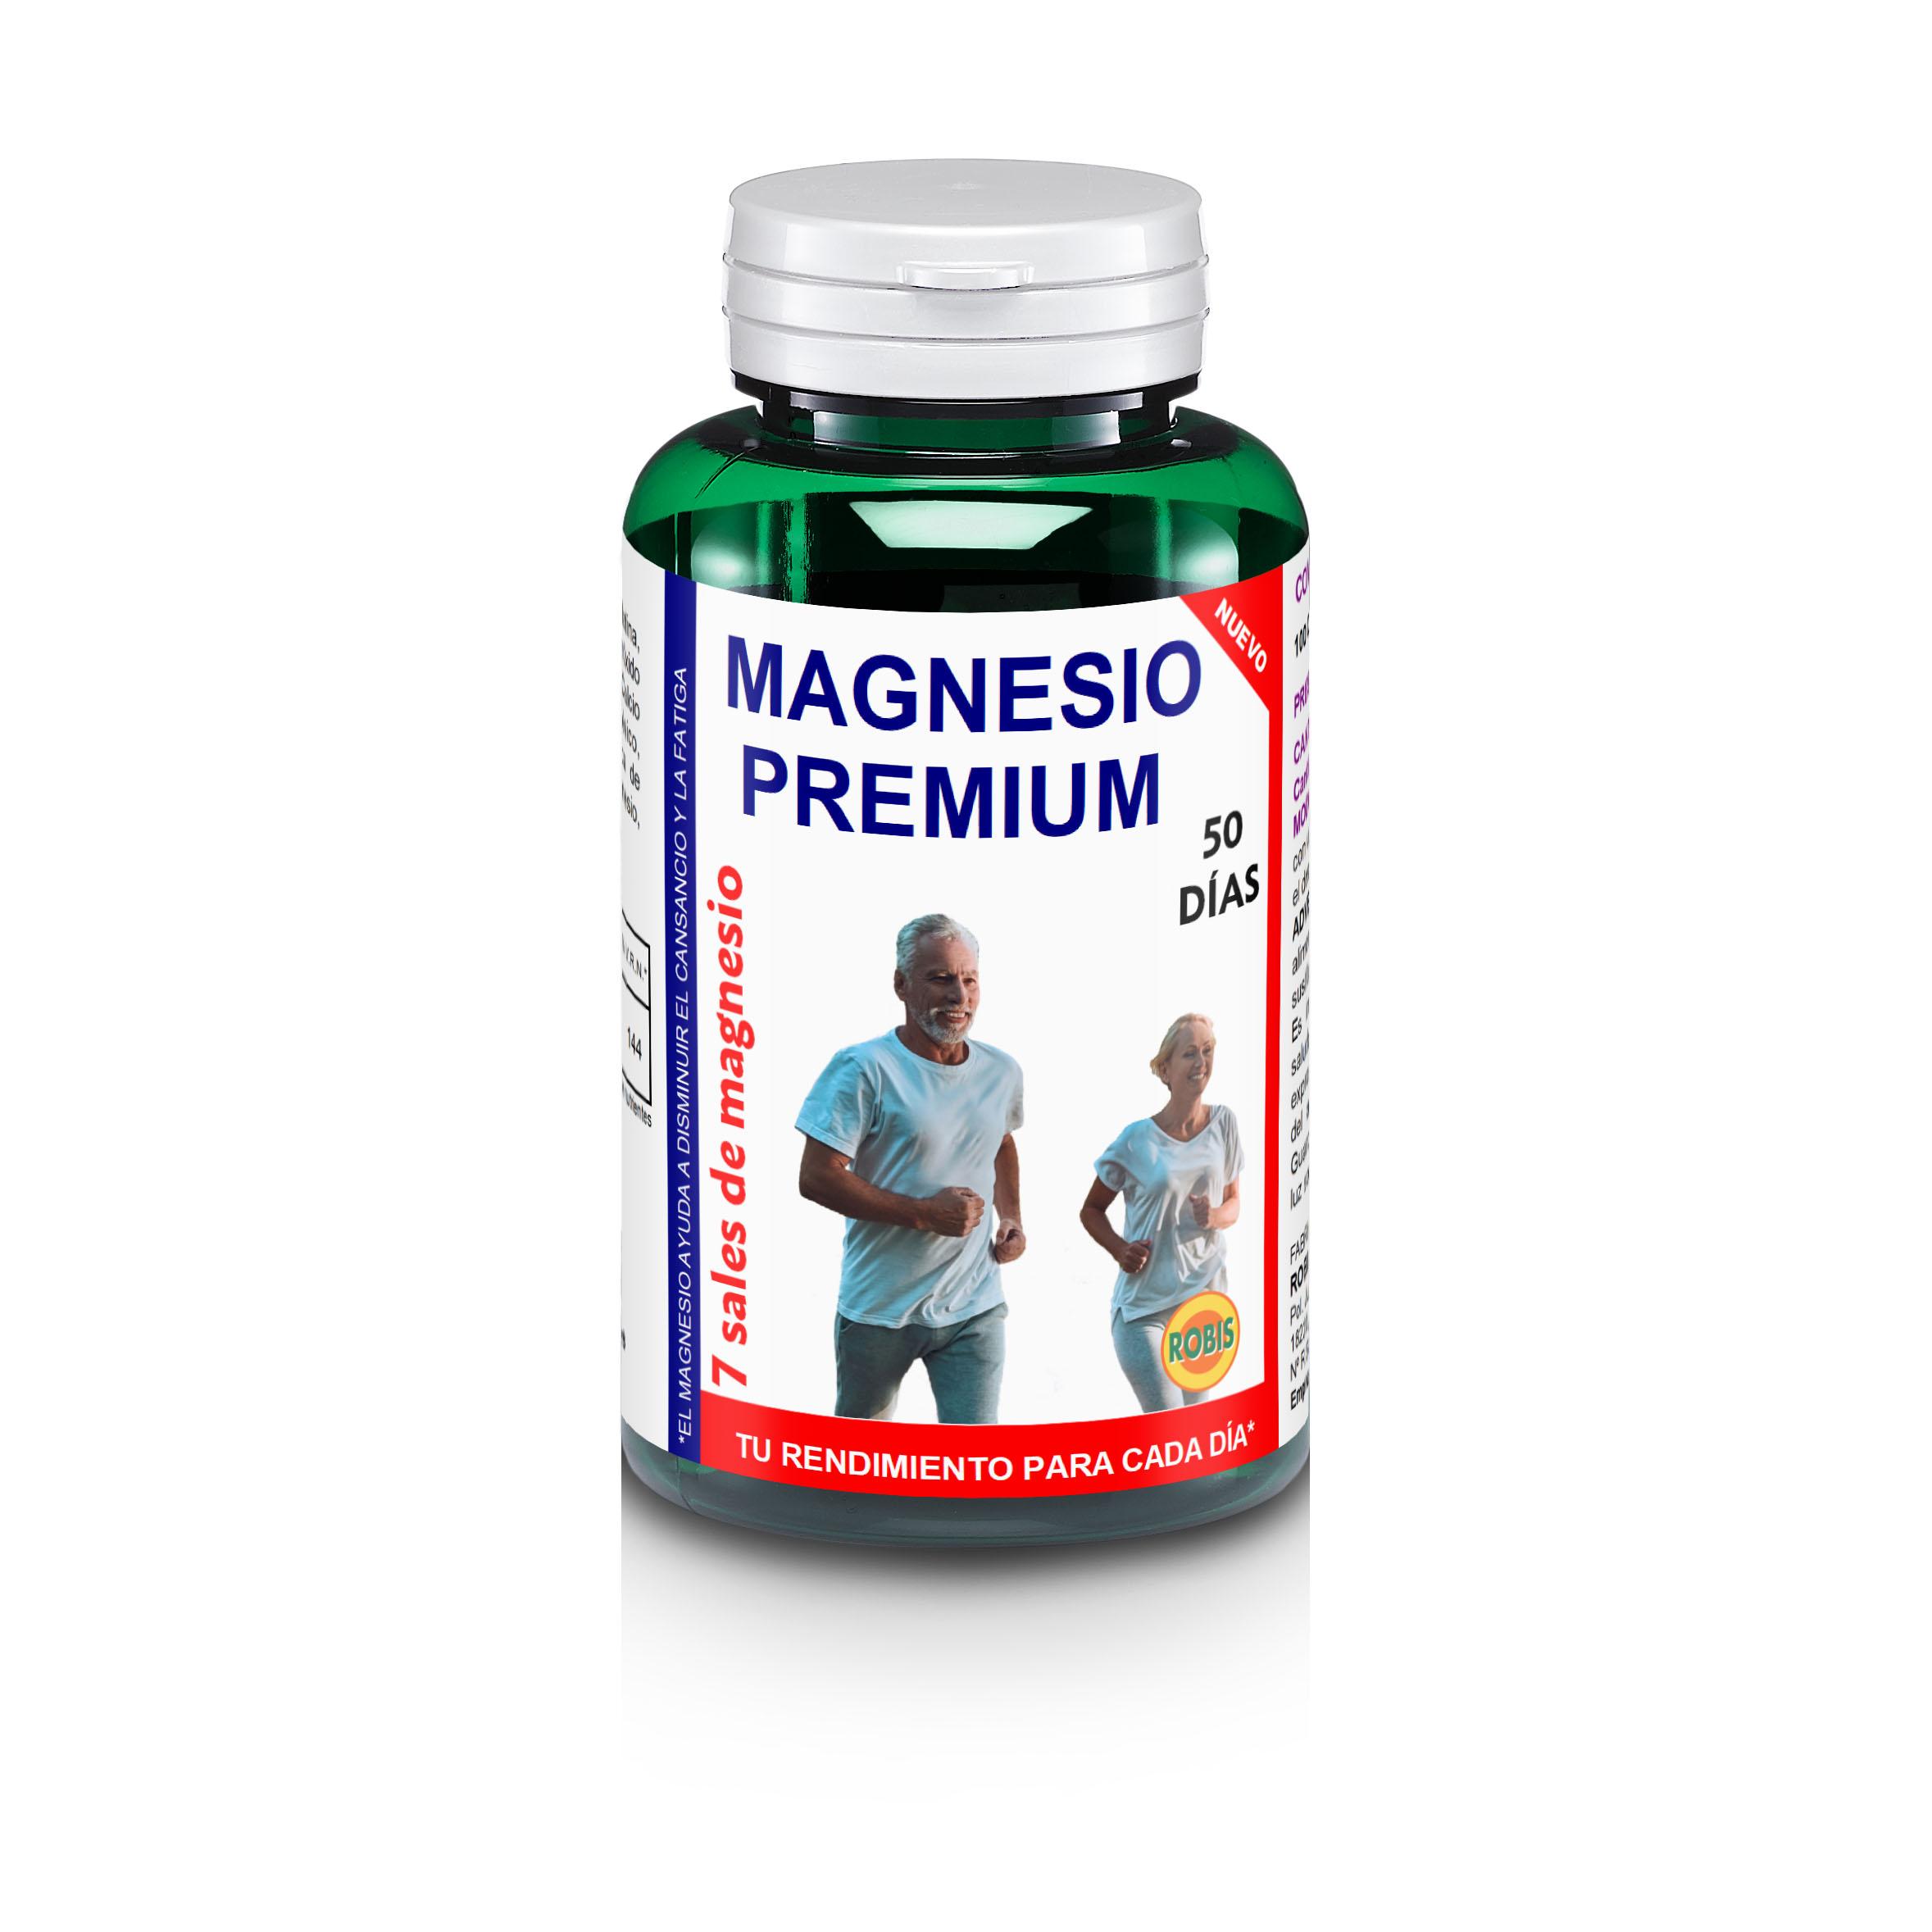 Magnesio Premium